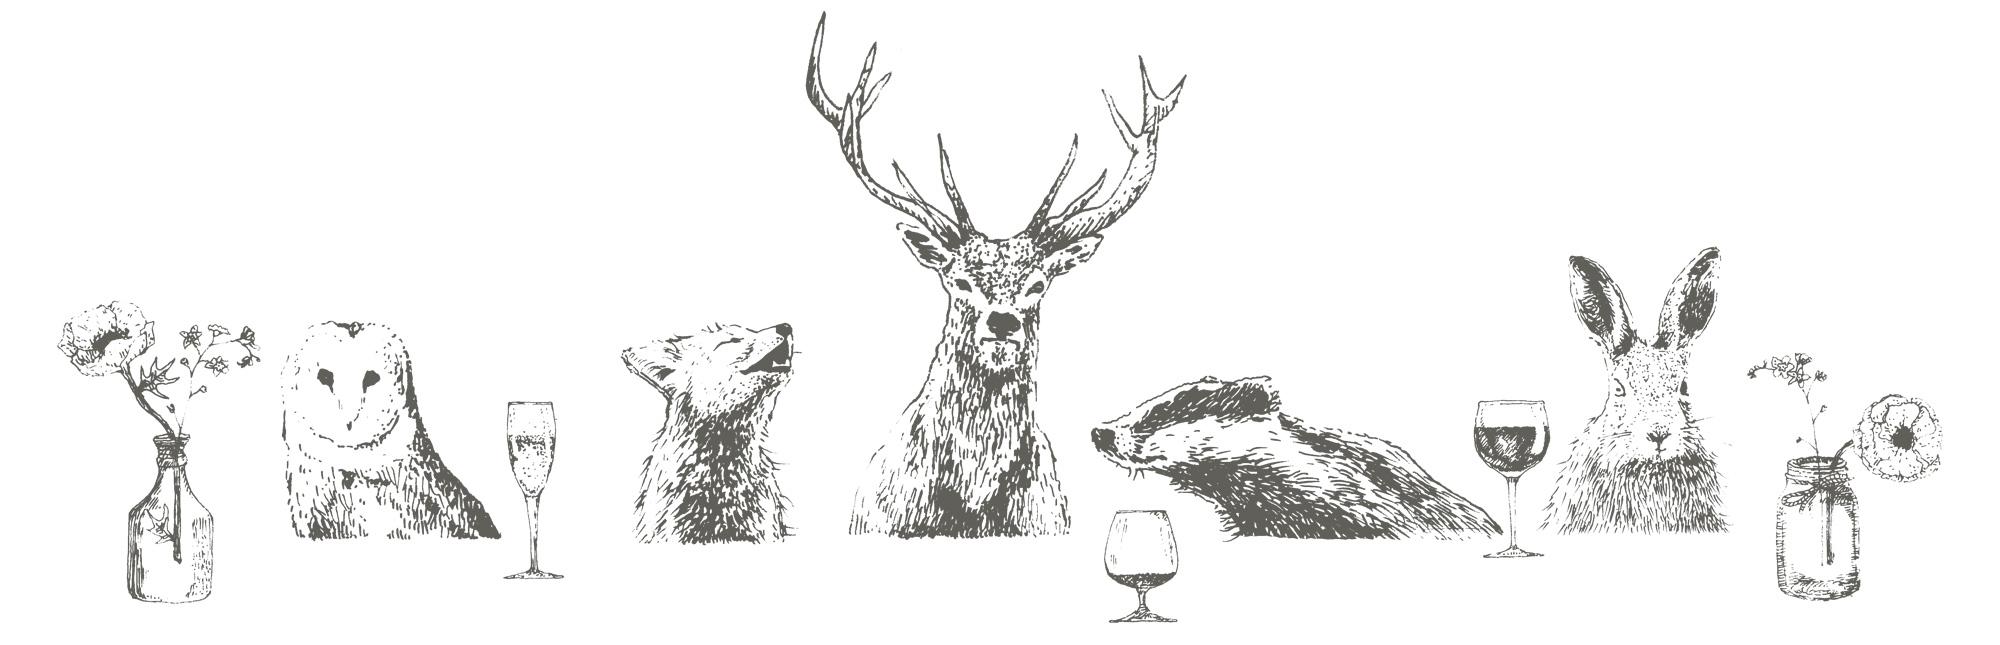 GS illustration02.jpg